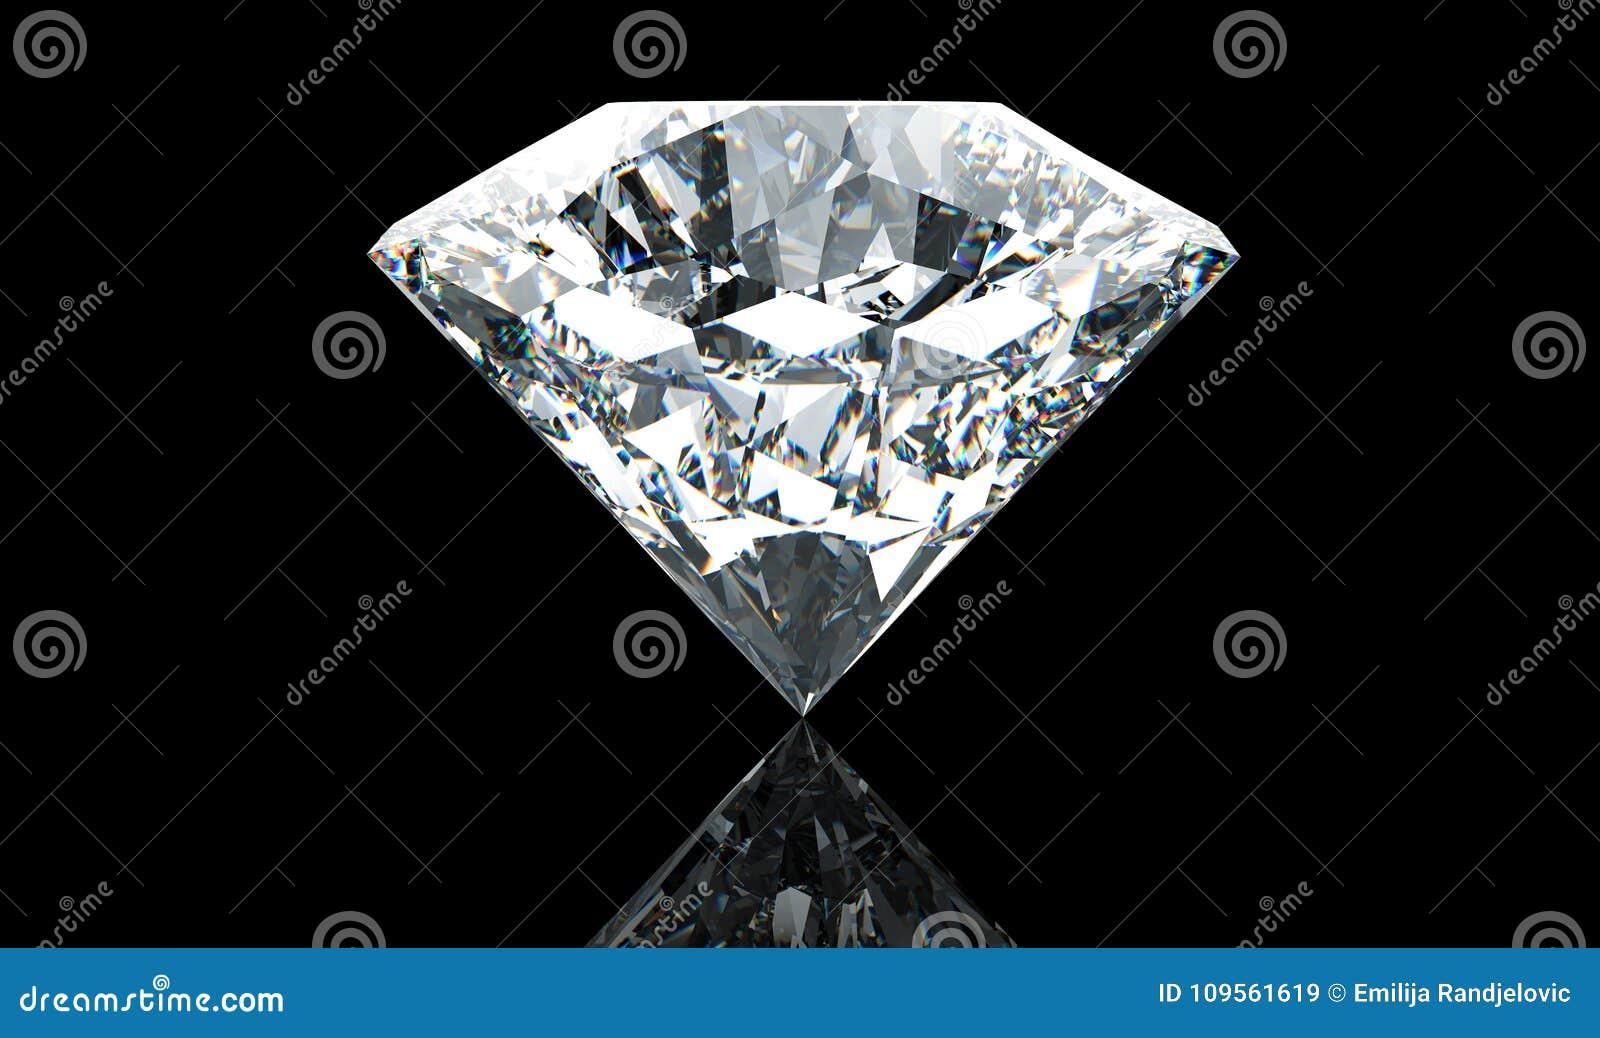 Big white diamond isolated on black background